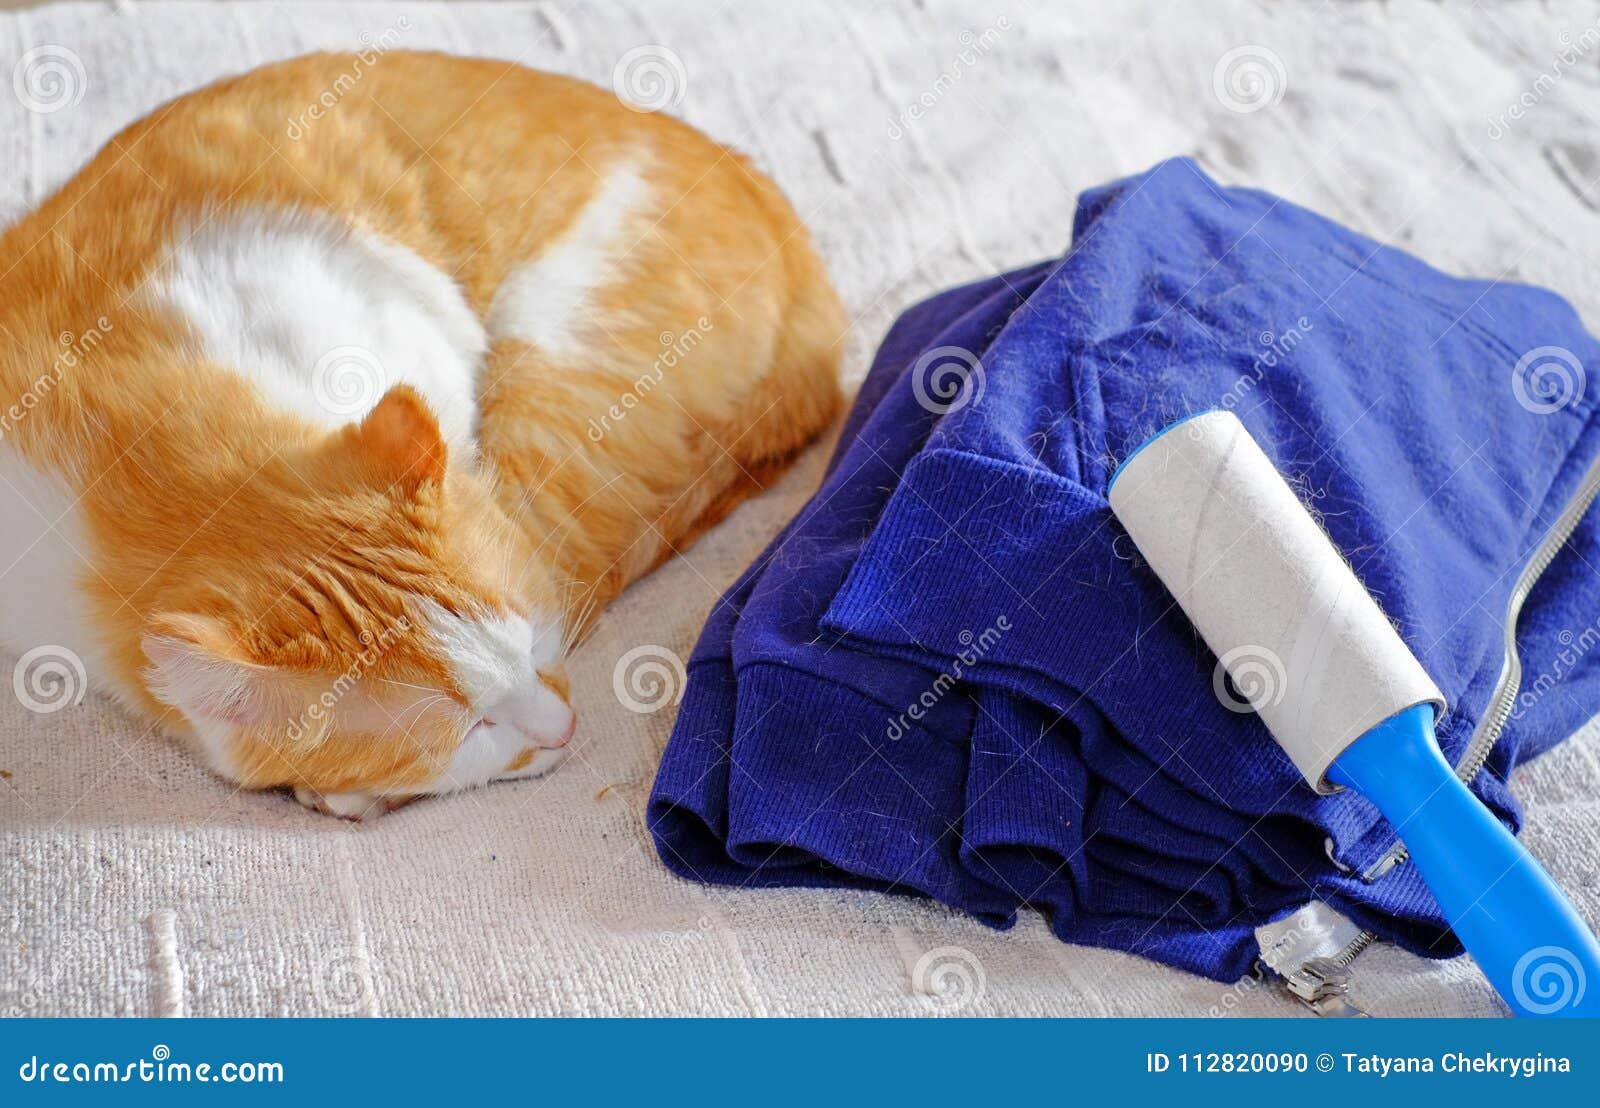 猫流洒,水兵动物` s头发和充分棉绒去膜剂